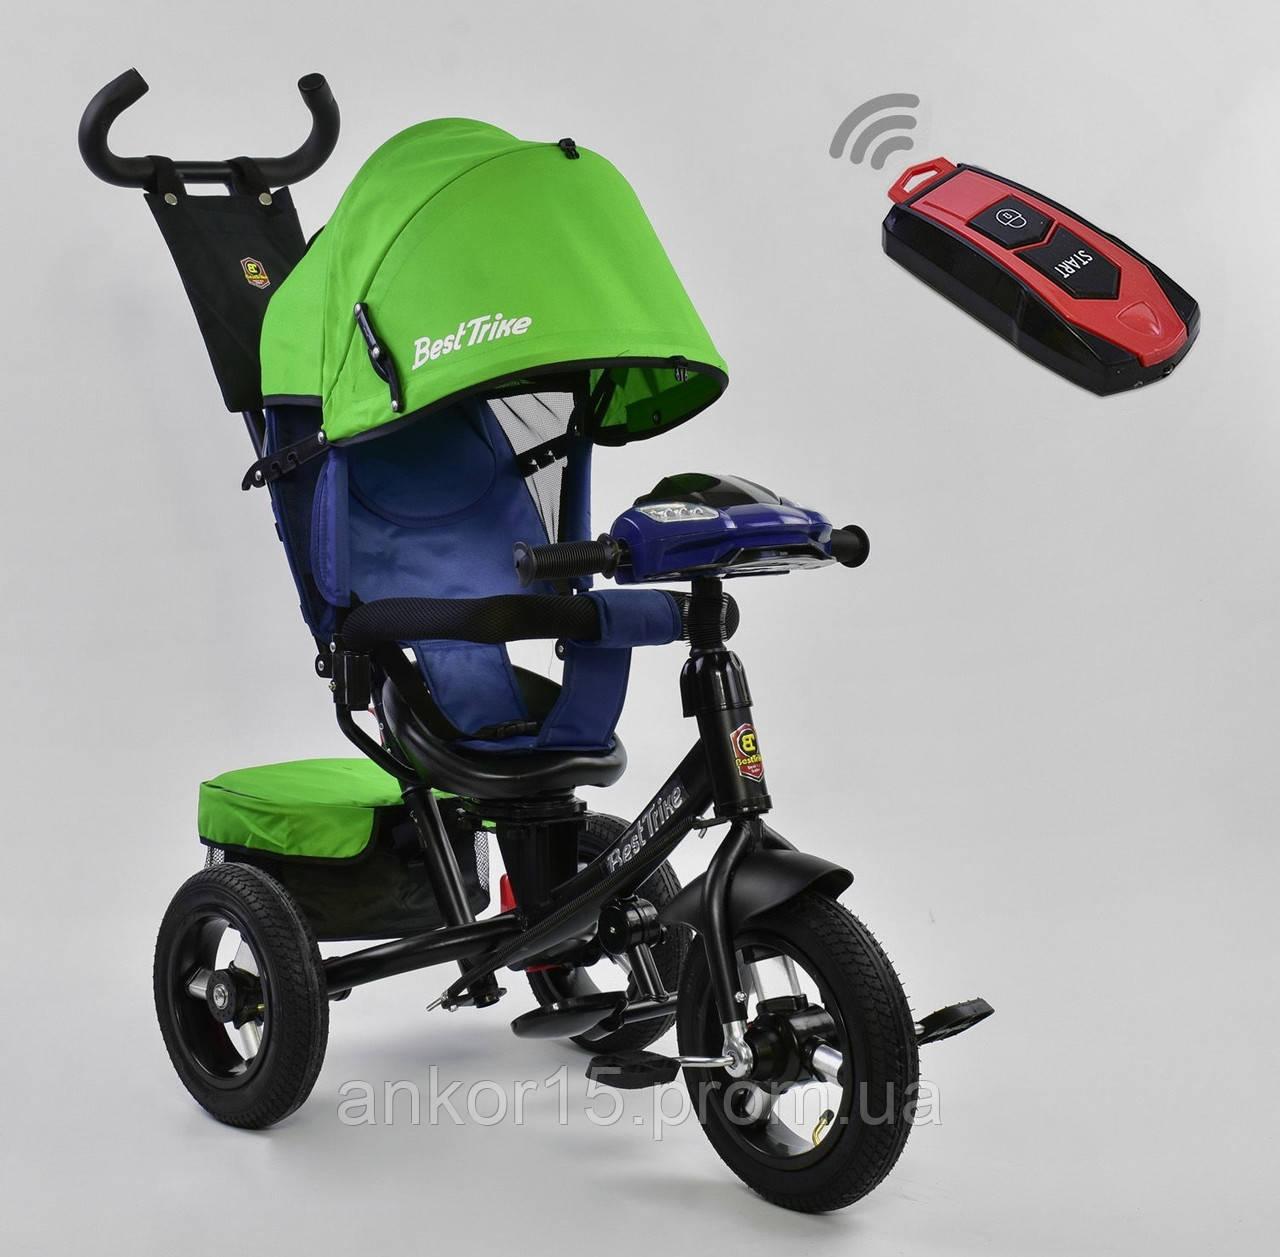 Детский трехколесный велосипед 7700-B-6412 Best Trike